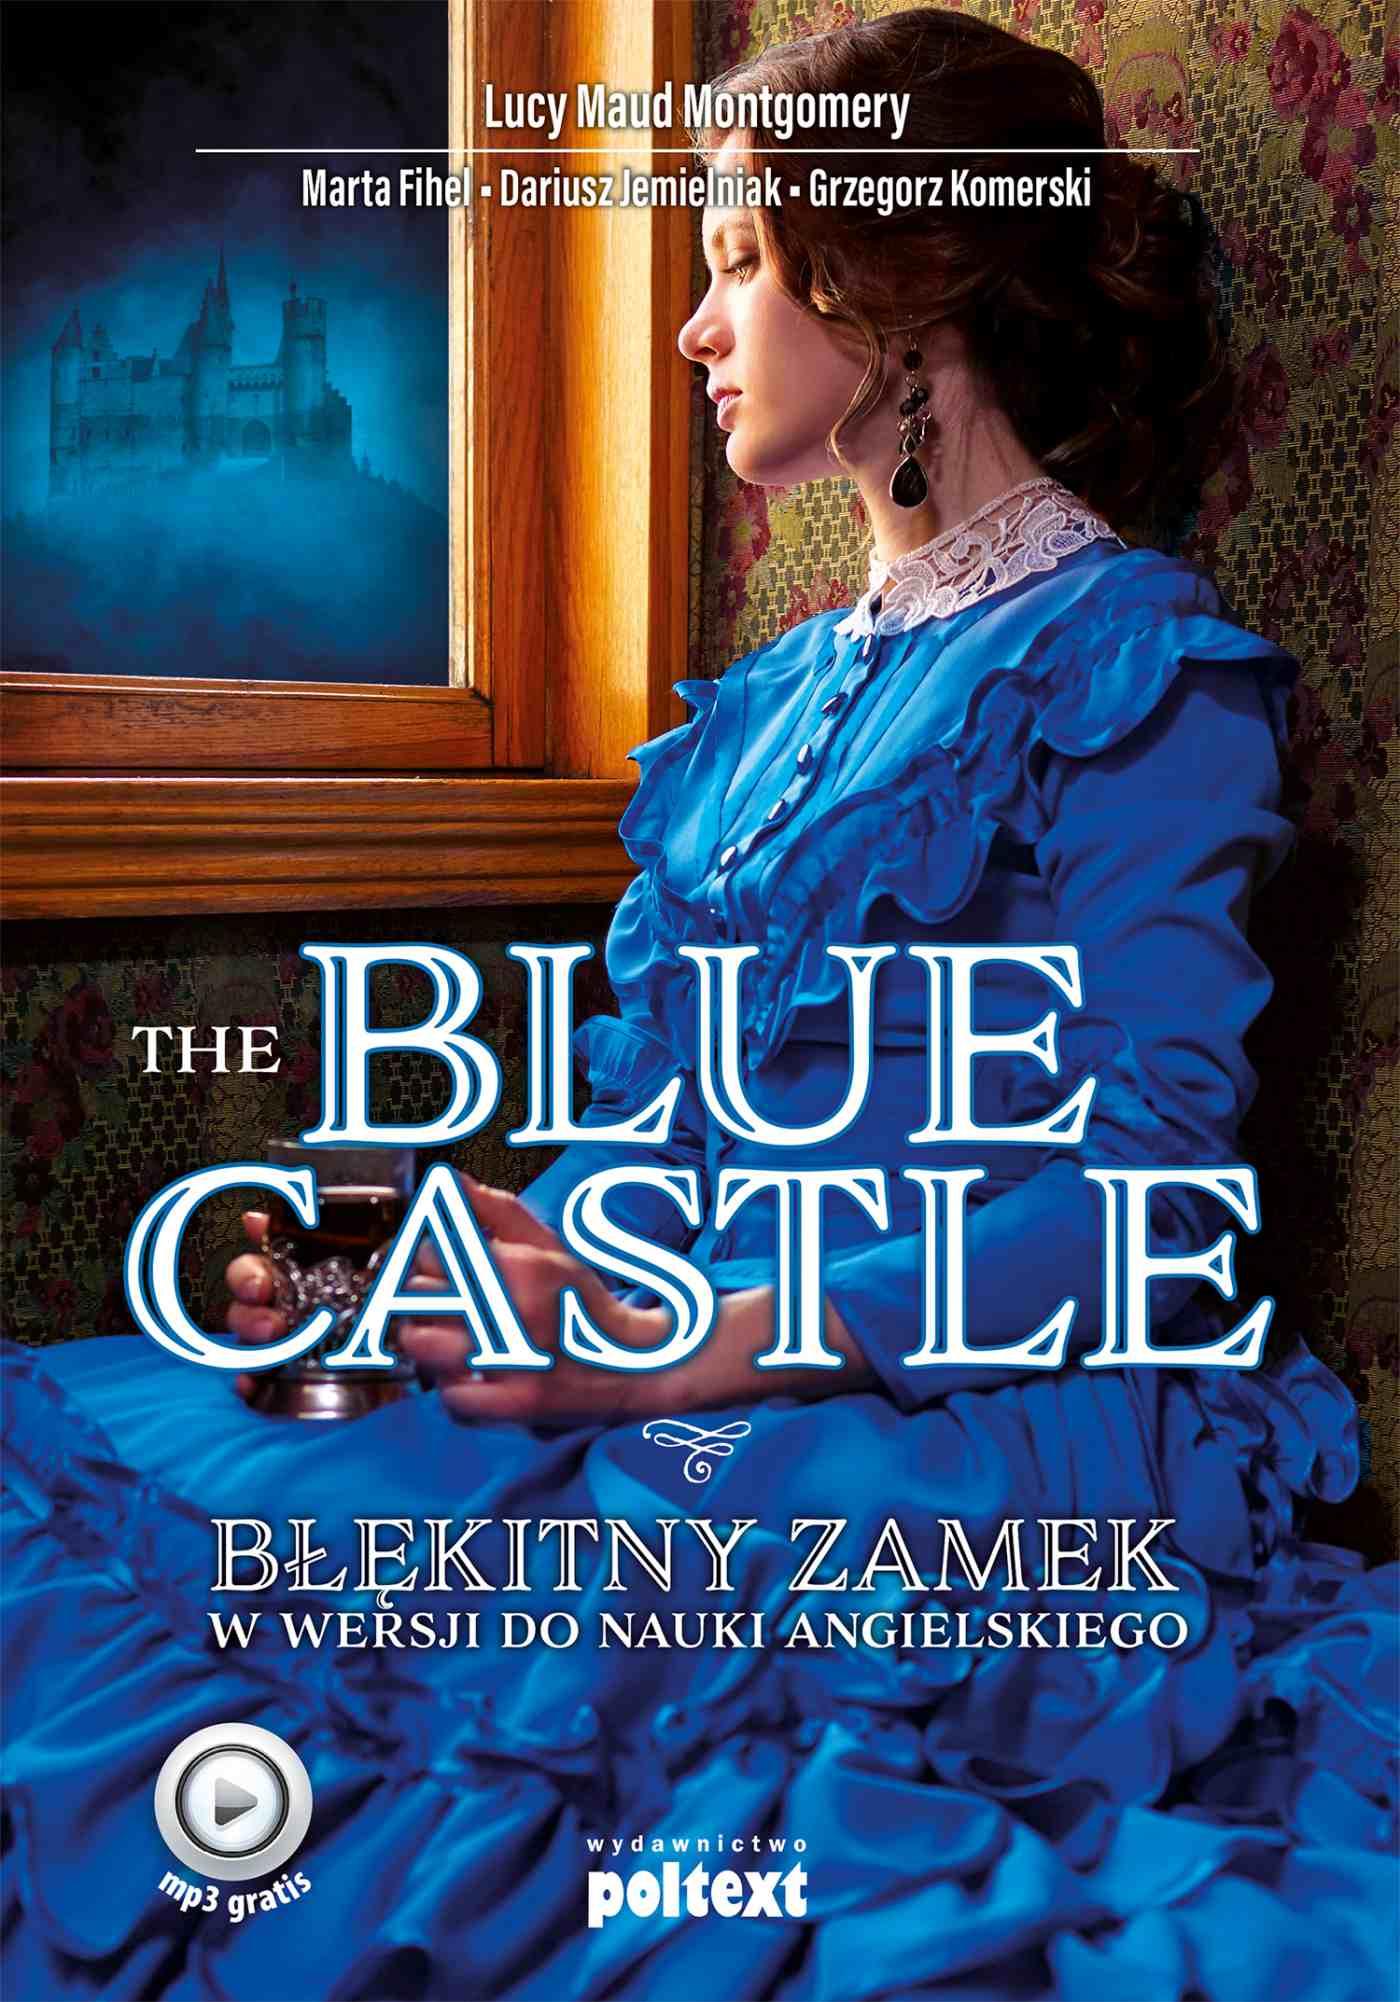 The Blue Castle. Błękitny zamek w wersji do nauki angielskiego - Ebook (Książka EPUB) do pobrania w formacie EPUB